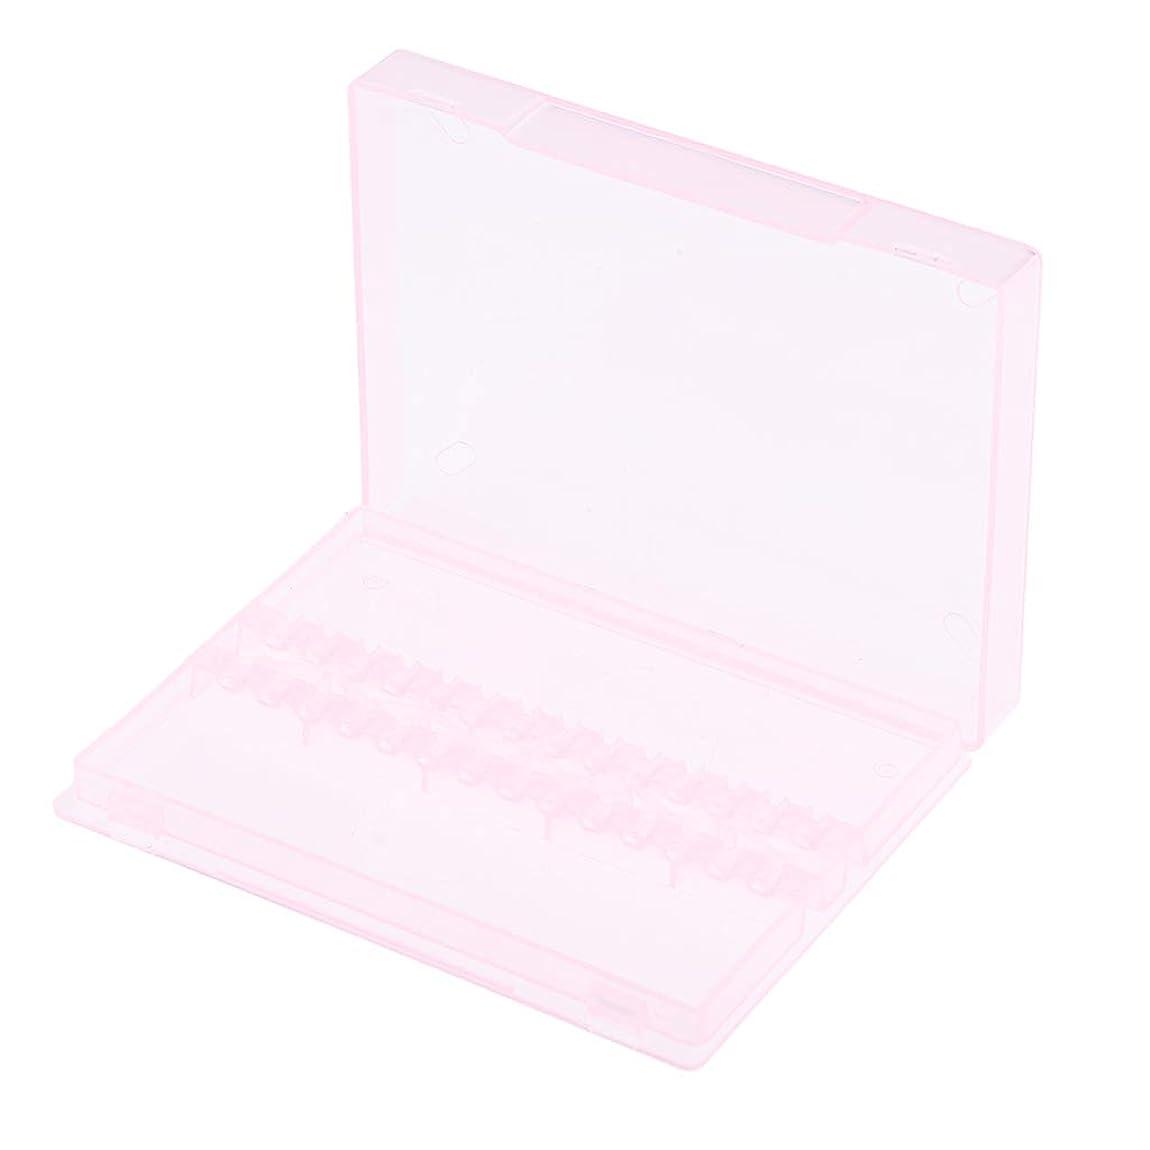 霜摩擦モスCUTICATE 14穴透明ネイルアートドリルビットホルダースタンド展示会ディスプレイオーガナイザー - ピンク